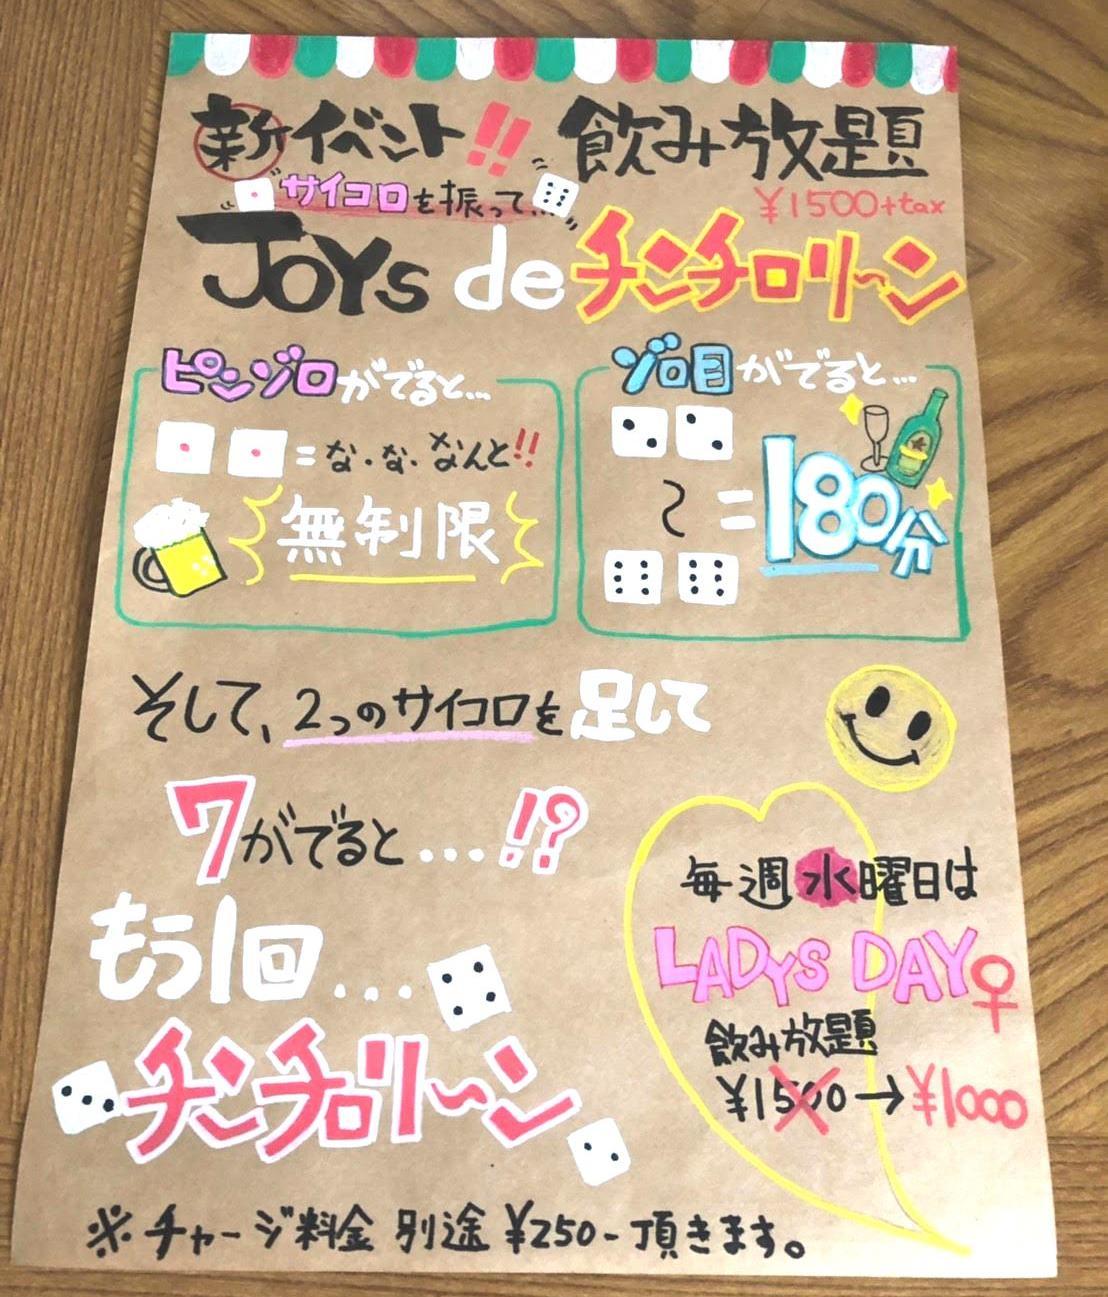 ★新イベント★サイコロ振って JOYs de チンチロリーン